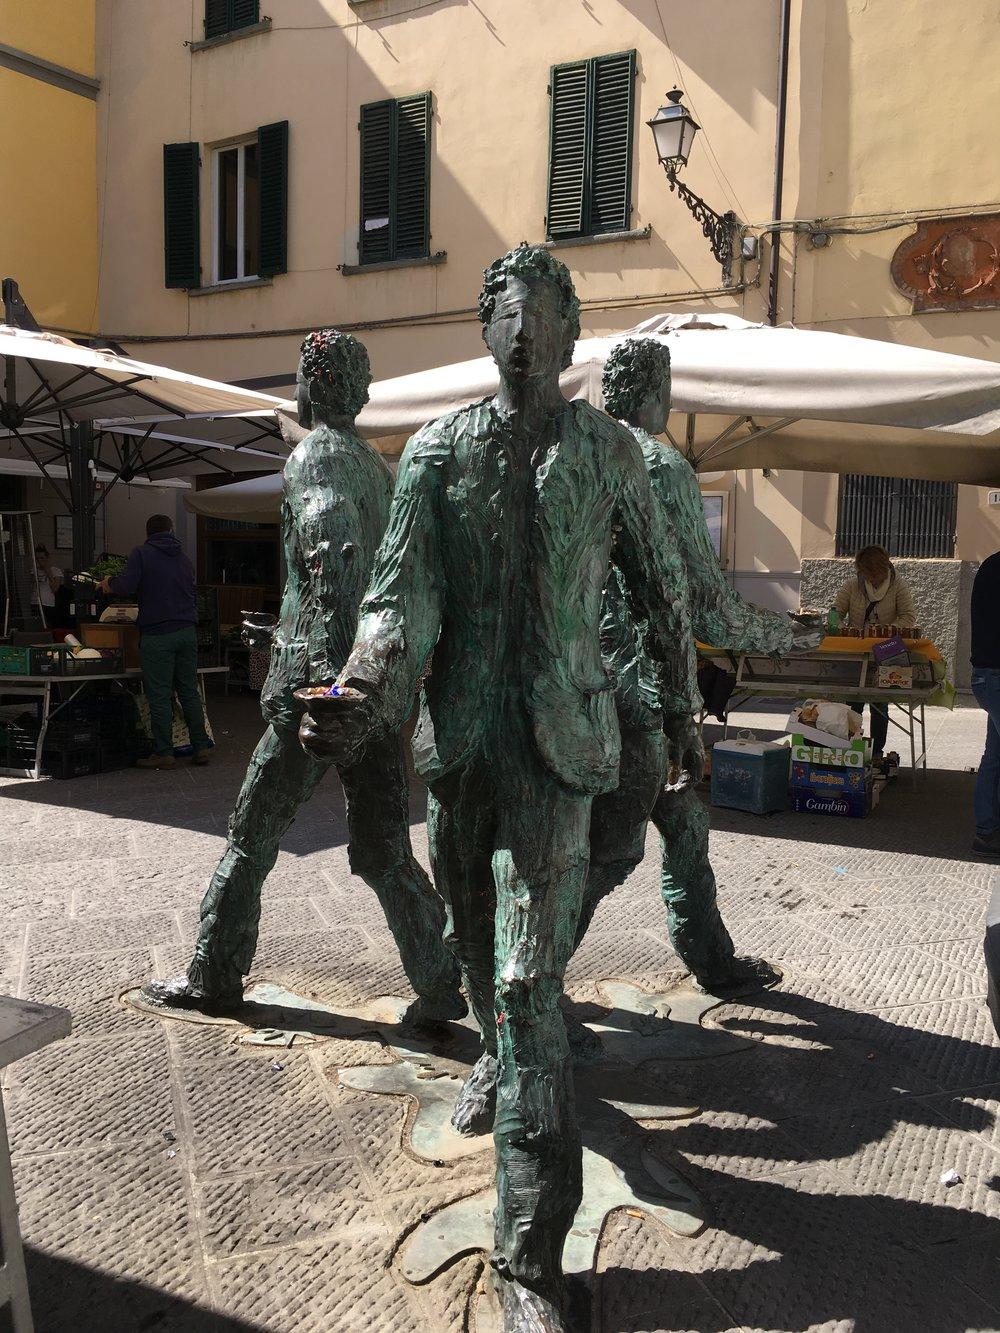 Giro del Sole sculpture In Piazzetta degli Ortaggi, Pistoia